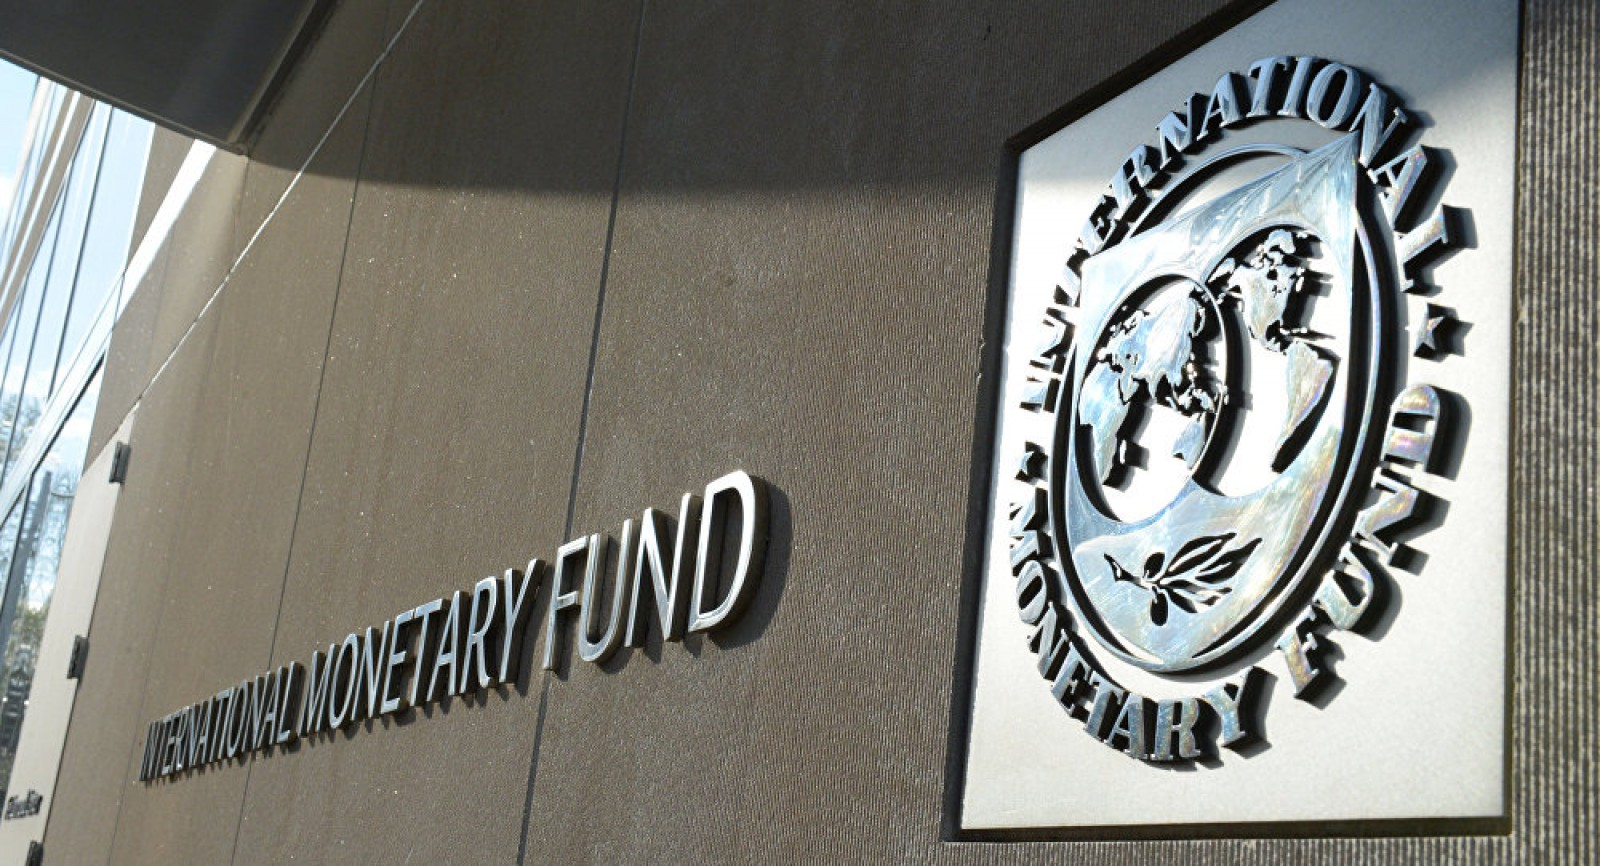 Mold-street: FMI a publicat concluziile ultimei evaluări. E nevoie de progrese în toate sectoarele